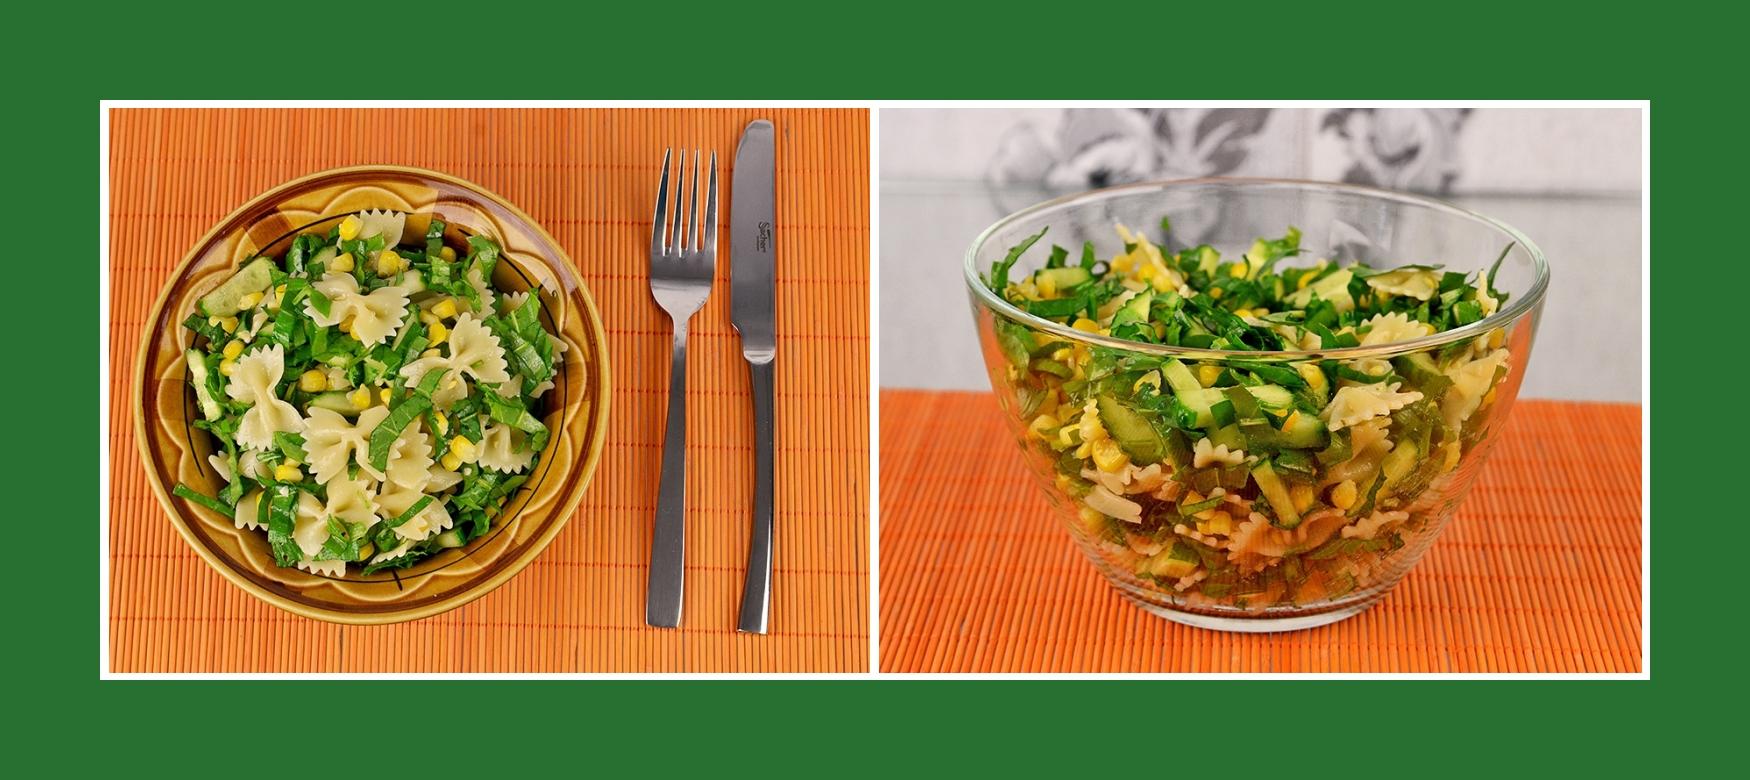 Erfrischender Nudelsalat mit grünem Gemüse und Kräutern